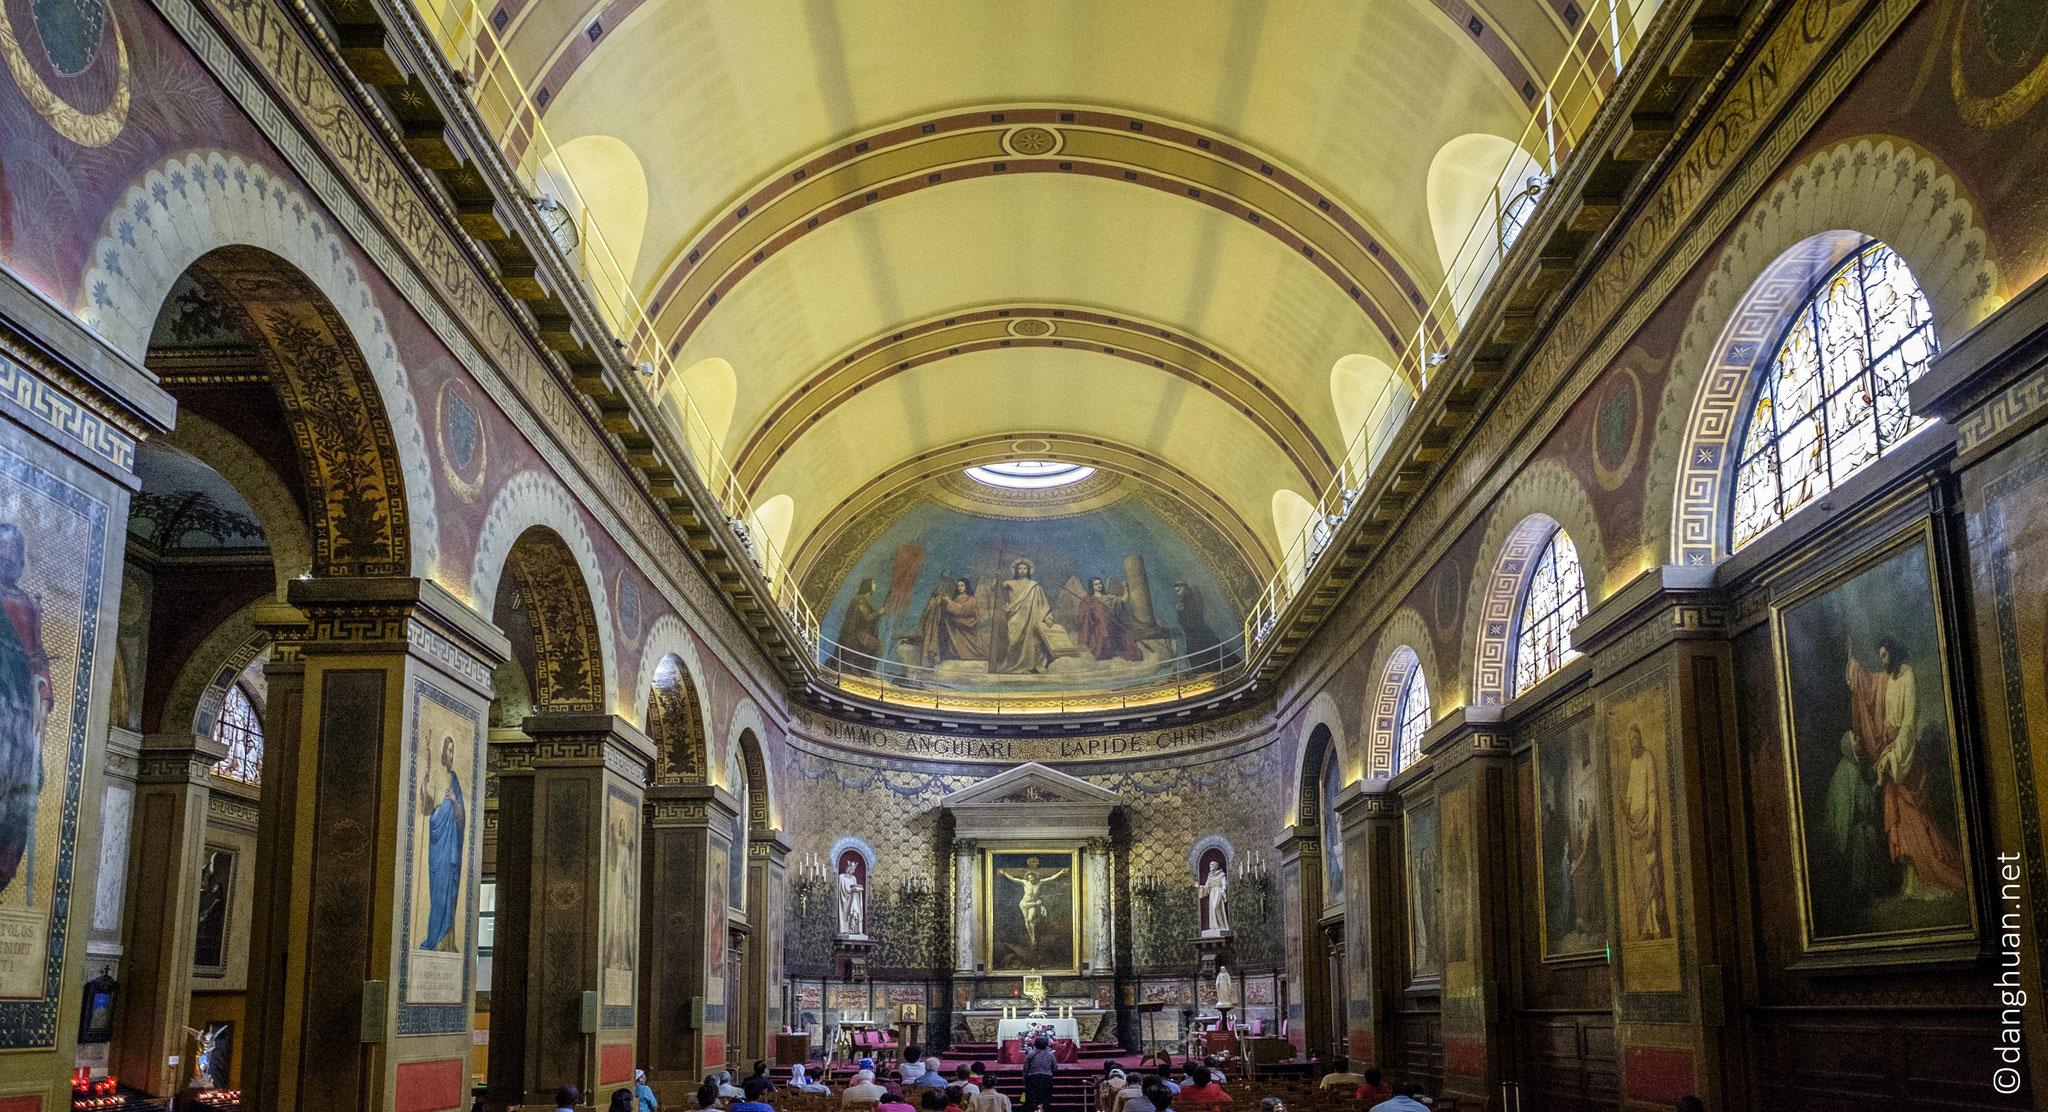 Eglise Saint Louis d'Antin :  située dans le IXe arrondissement de Paris, au 63 rue Caumartin